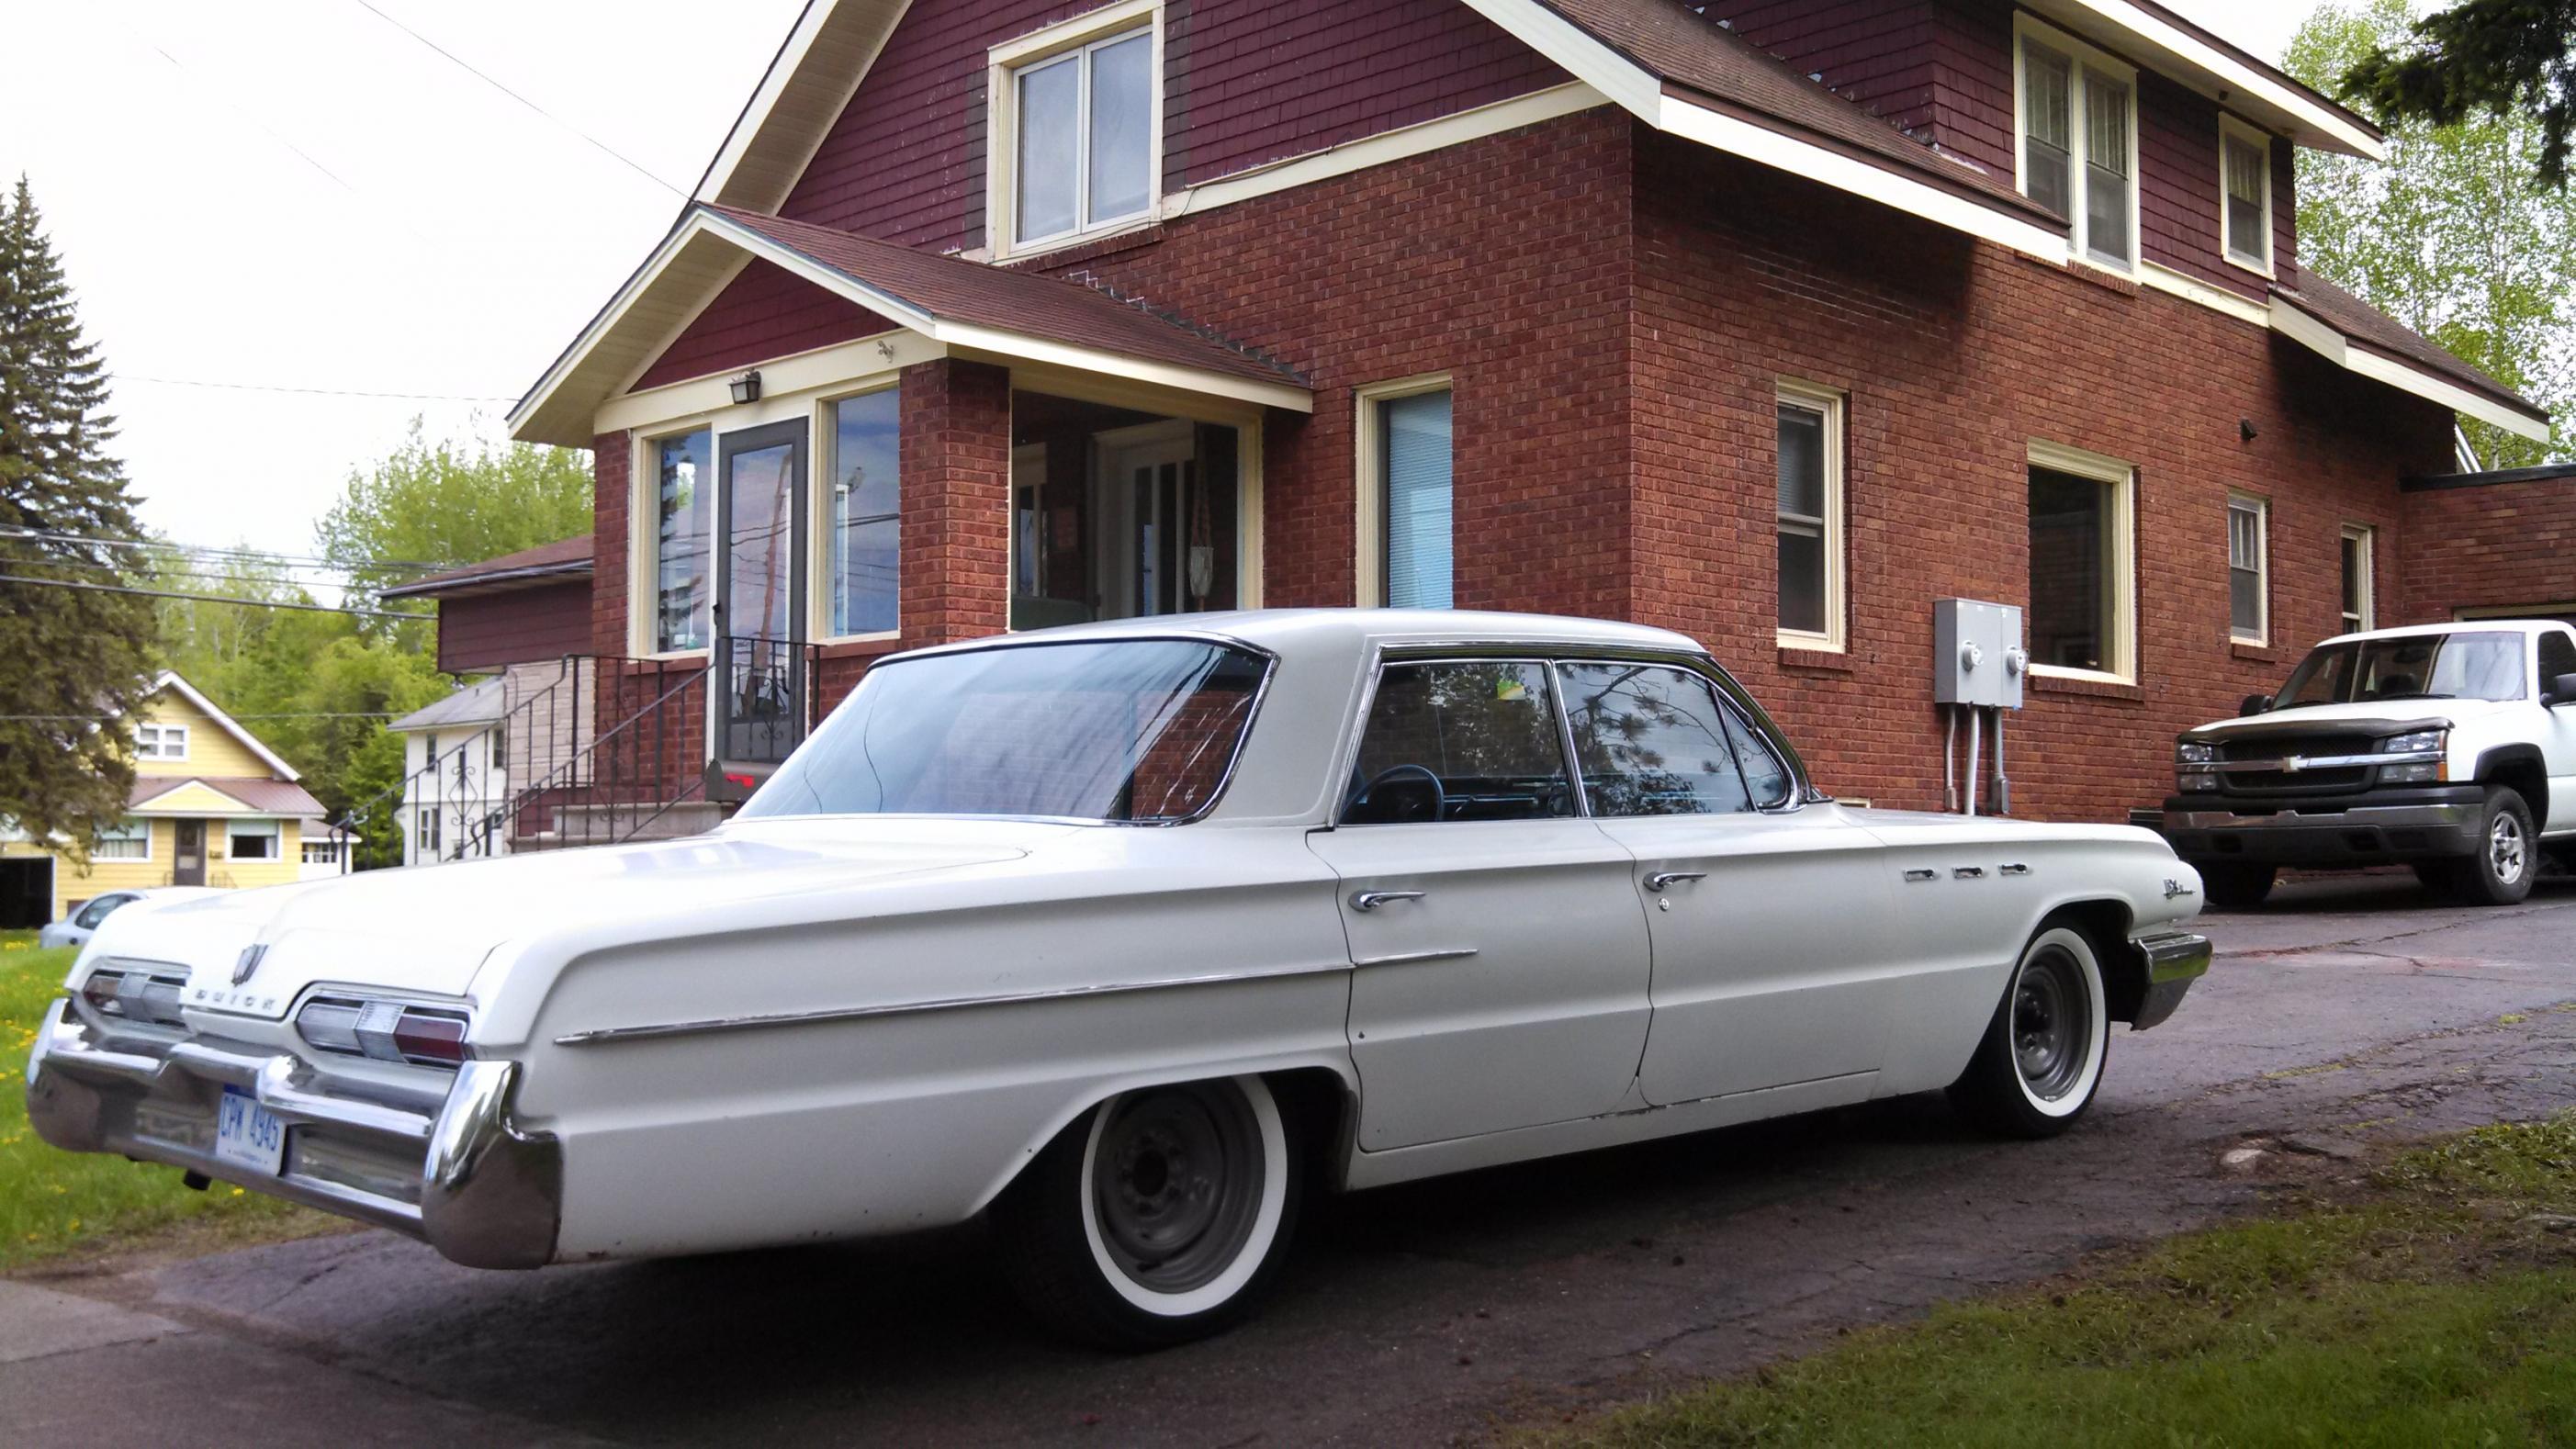 1962 buick lesabre 401 nailhead classic gd wallpaper. Black Bedroom Furniture Sets. Home Design Ideas